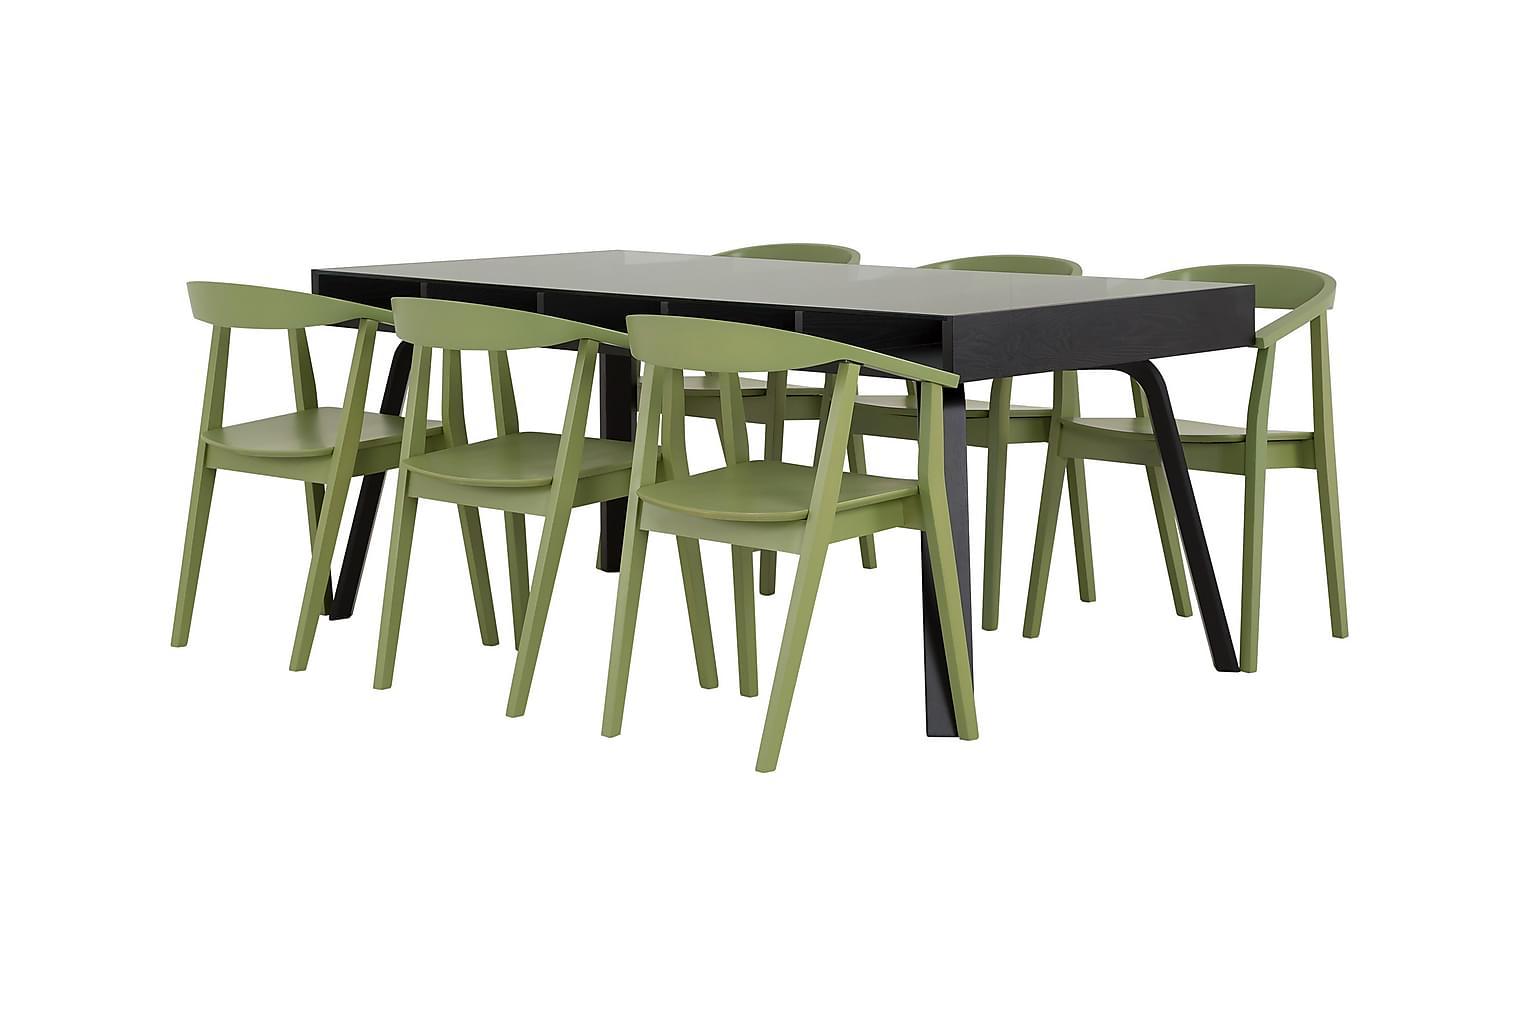 LORELEI Pöytä 183 Musta + 6 DAYTONA Tuolia Vihreä